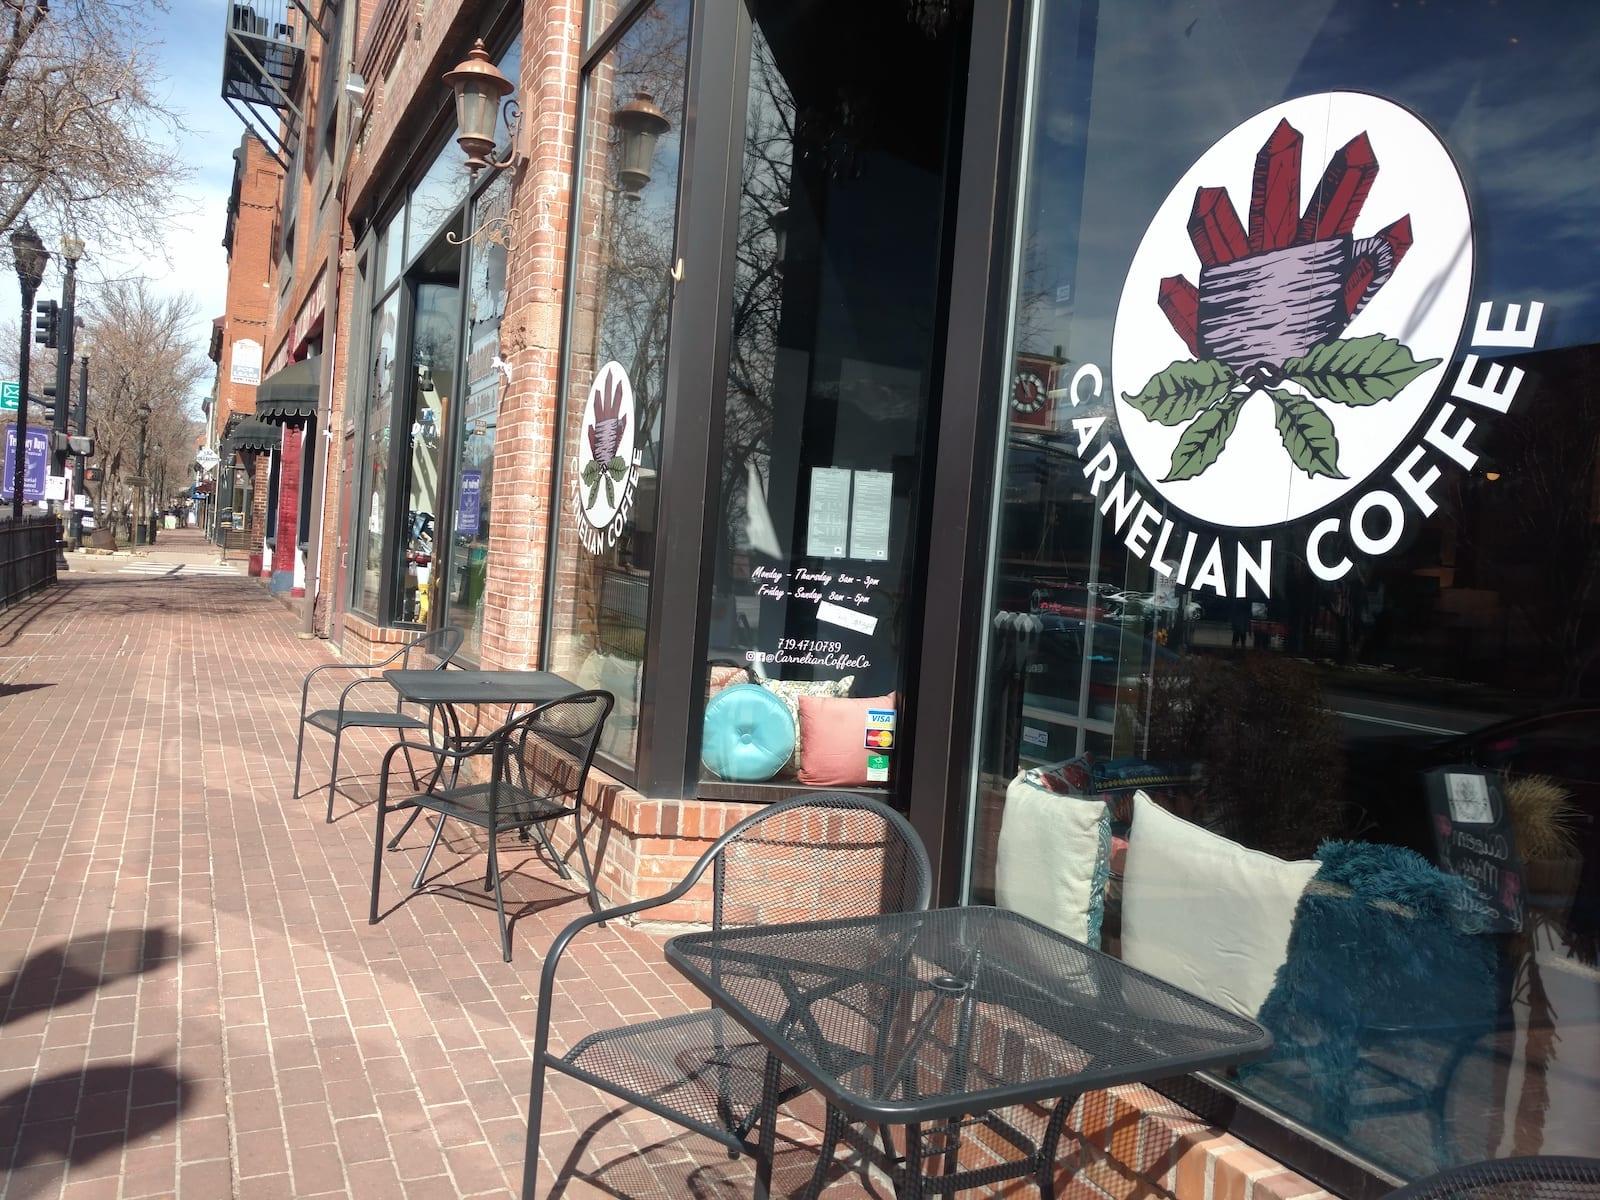 Carnelian Coffee Colorado Springs